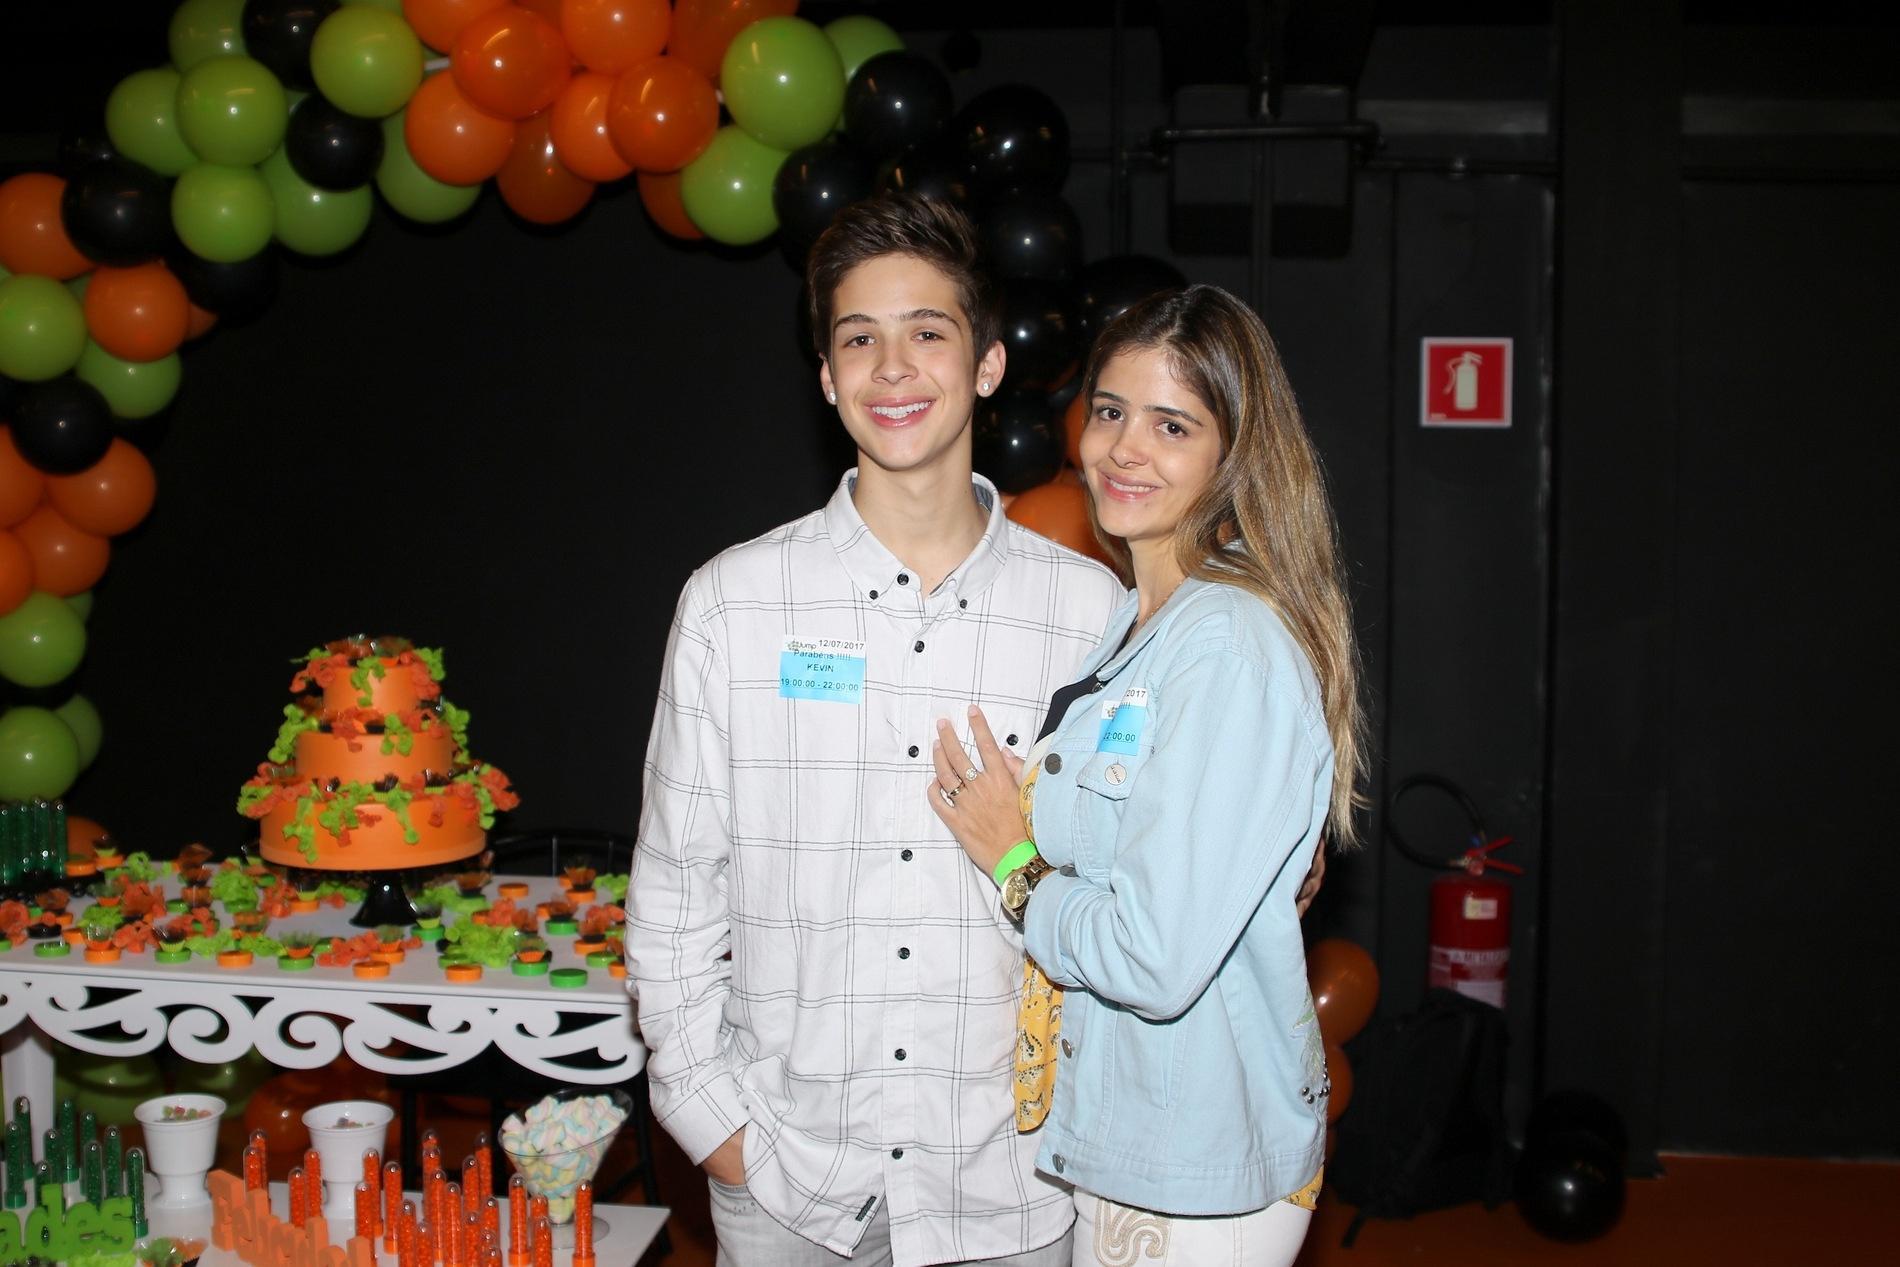 e07ebbe8ded31 Mãe de João Guilherme posa com o filho e chama a atenção pela aparência -  13 07 2017 - UOL TV e Famosos